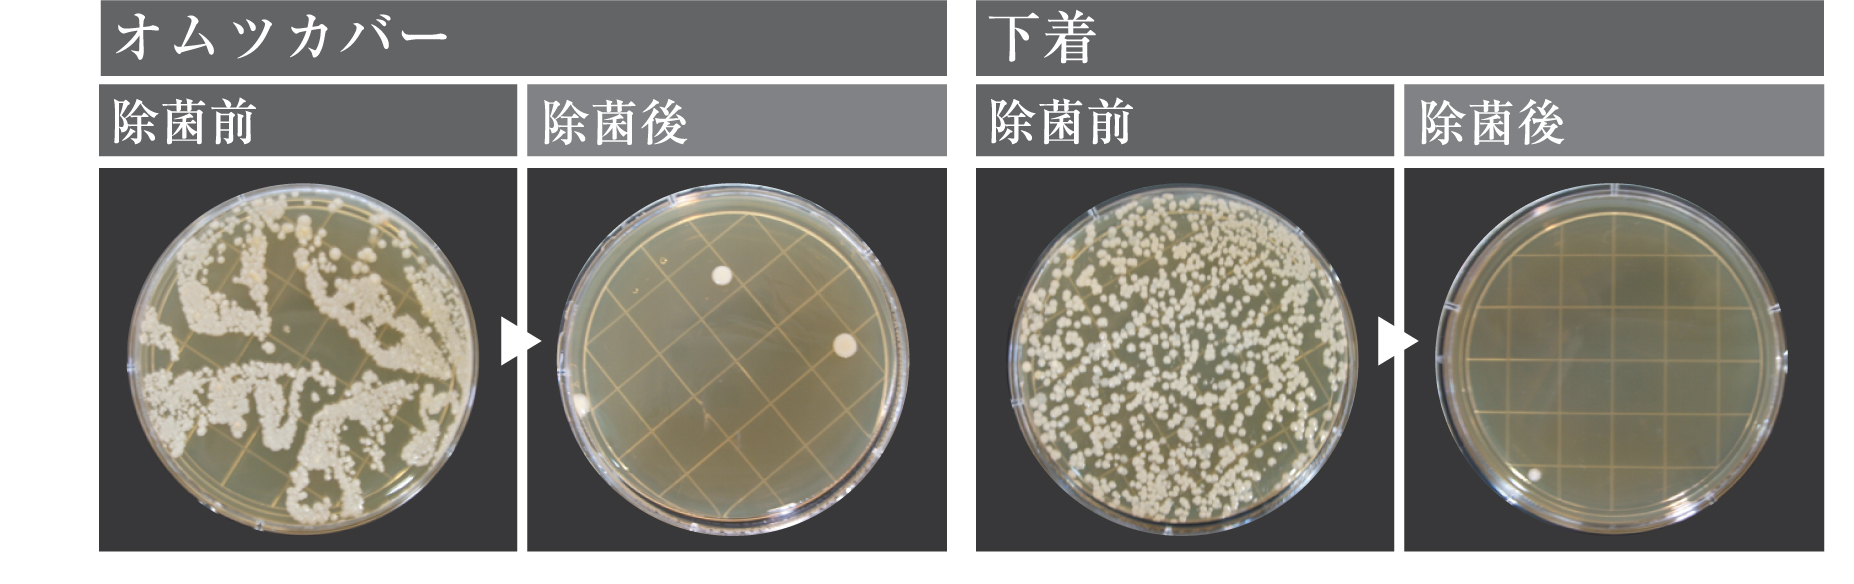 電解水を洗濯水として使用した際の除菌効果